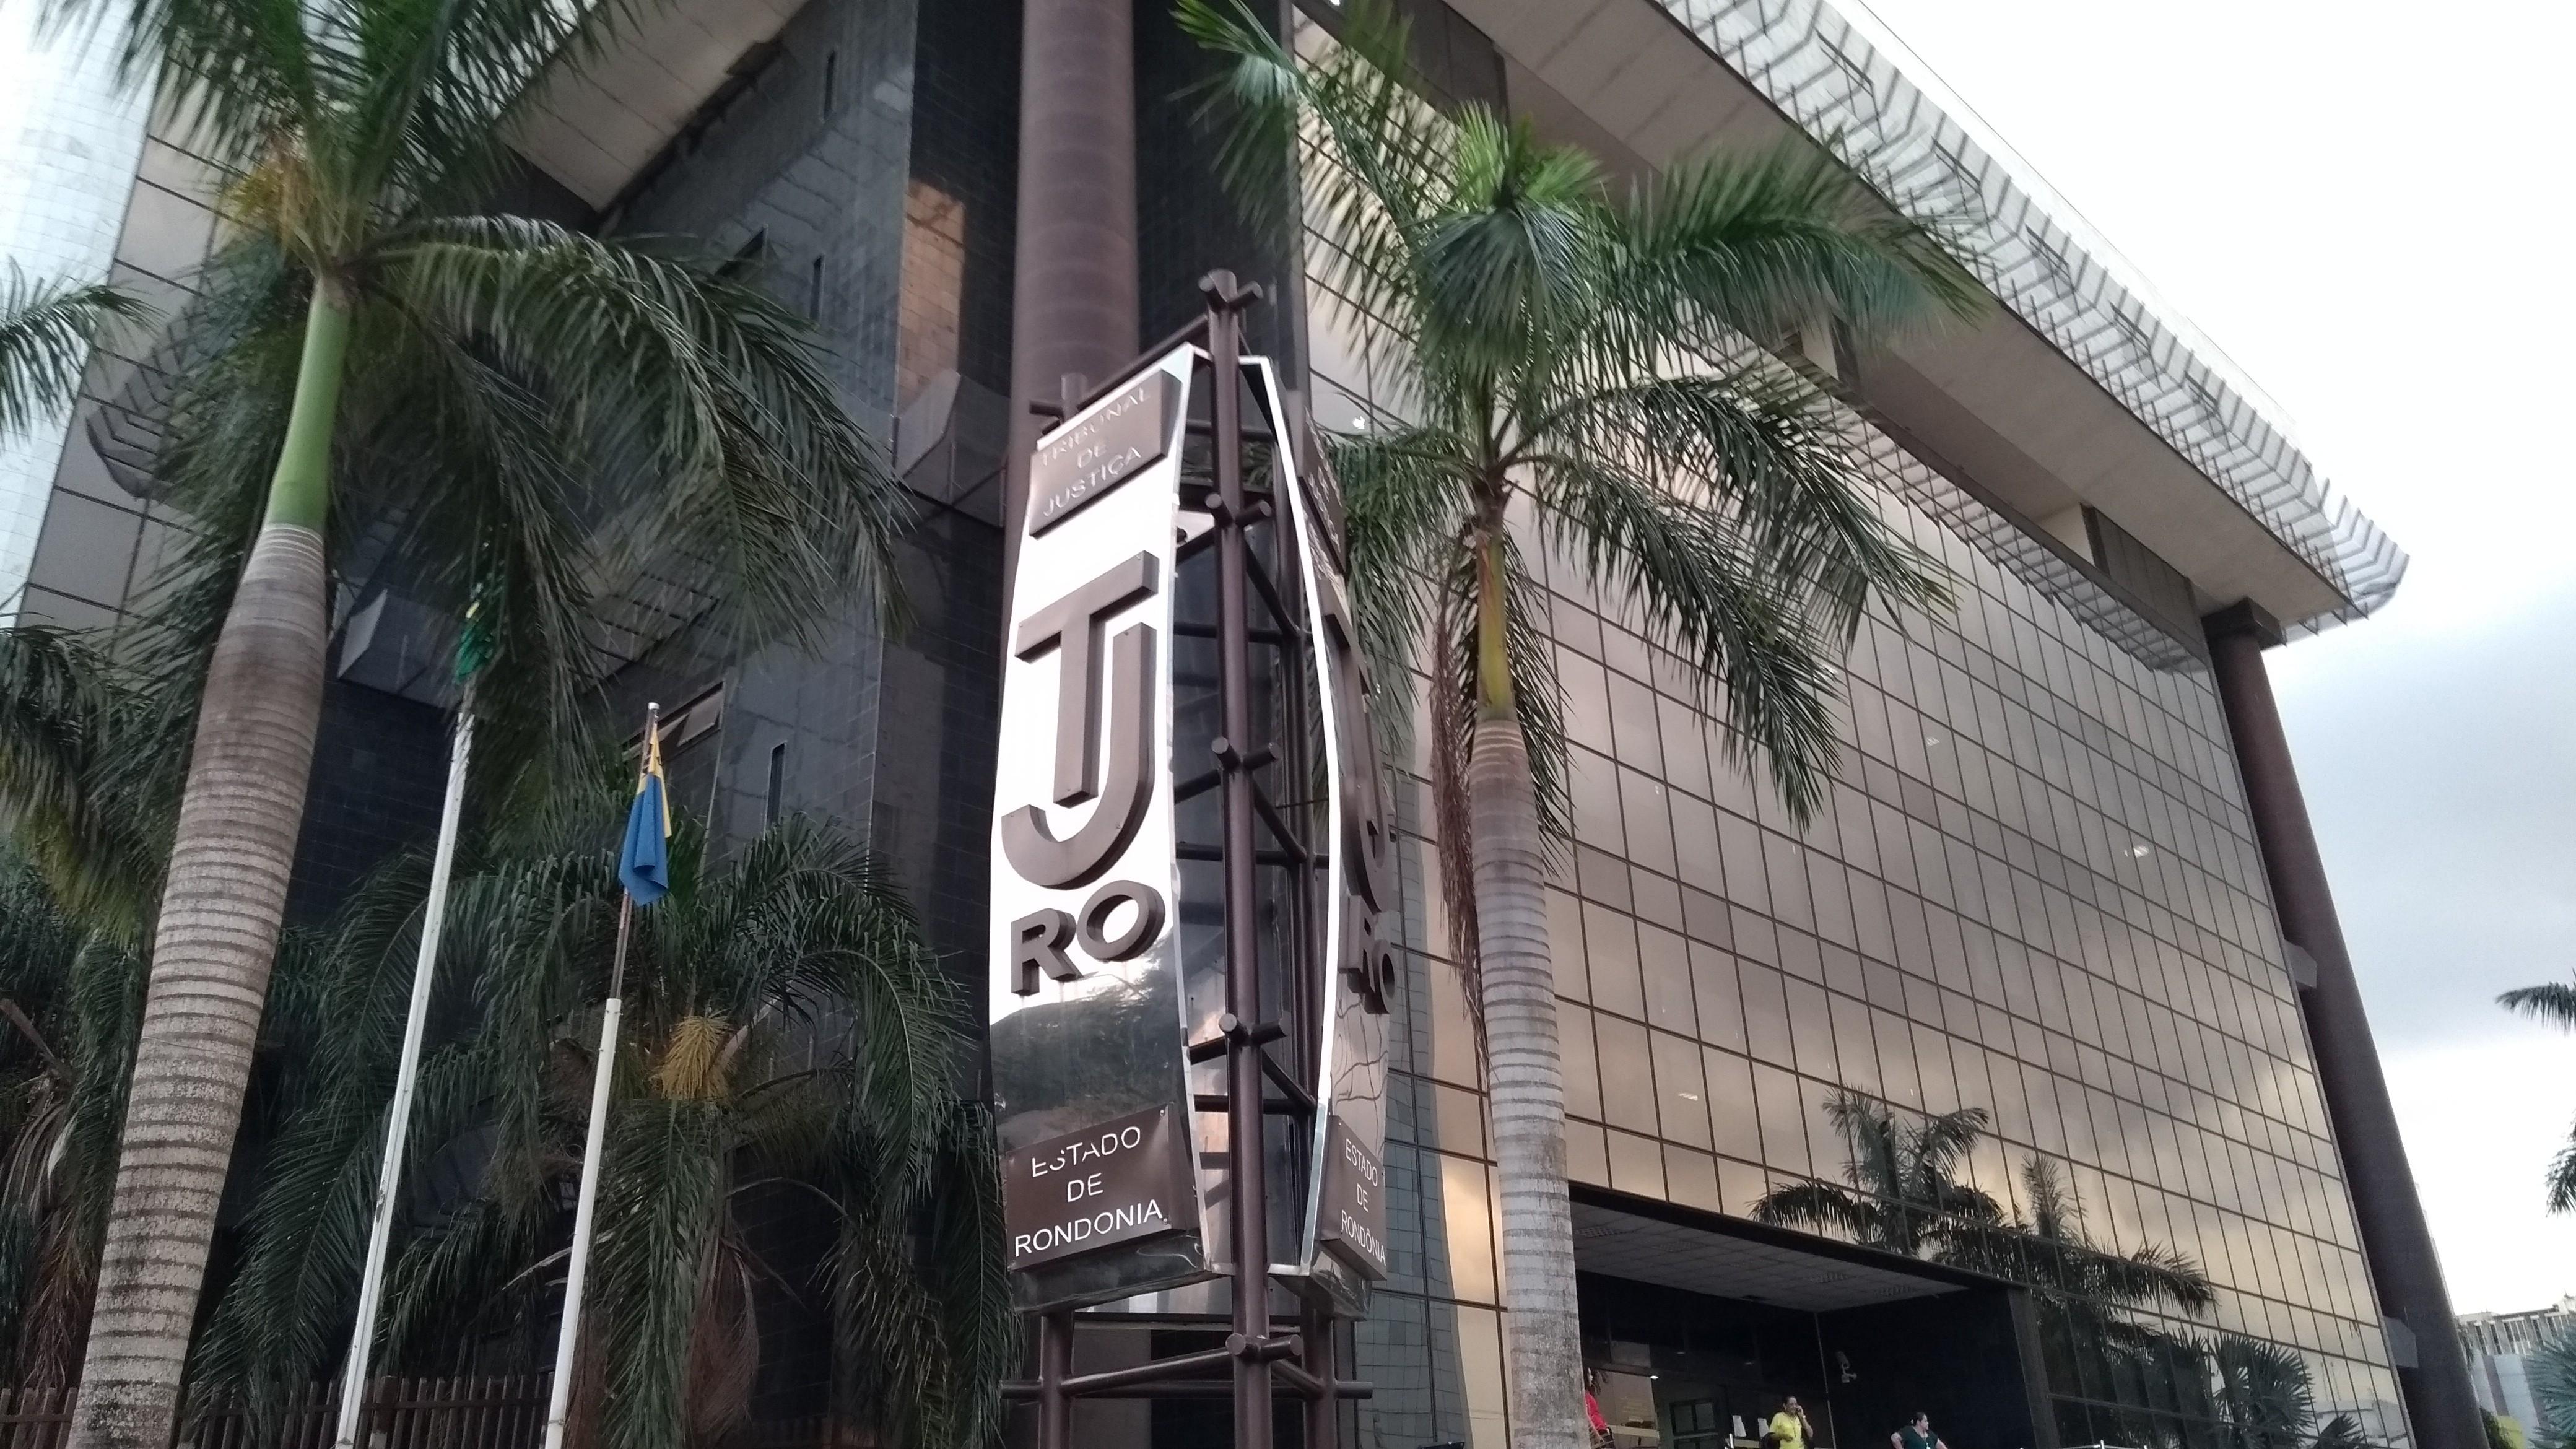 Concurso do TJ: Inscrições para analista e técnico judiciário encerram nesta quarta (29) em Rondônia